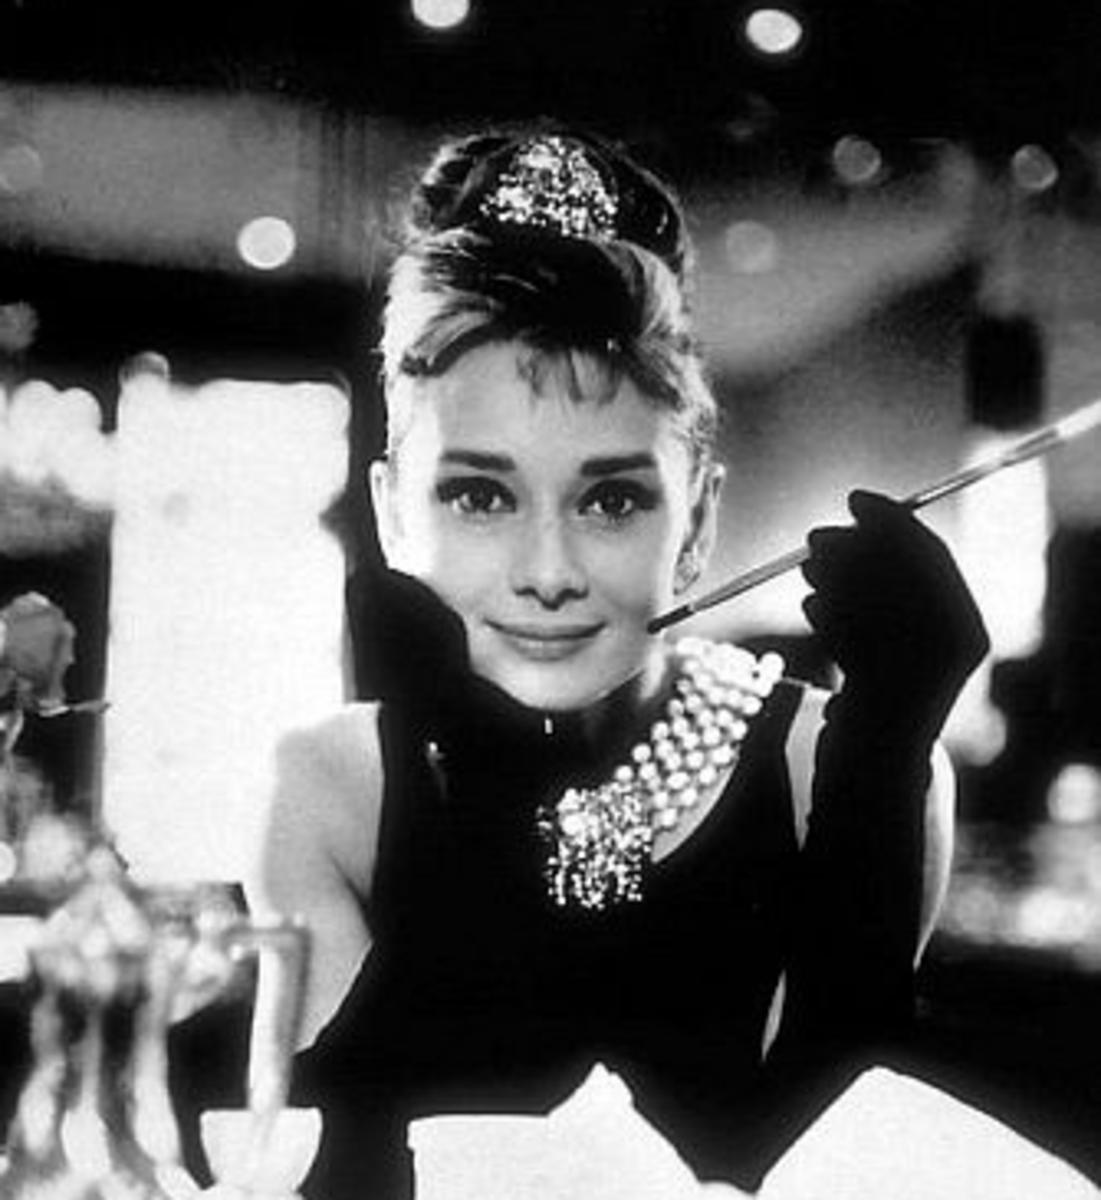 An Audrey Hepburn TV Series is Coming Soon - Audrey Hepburn Biopic TV Show Tiffany's